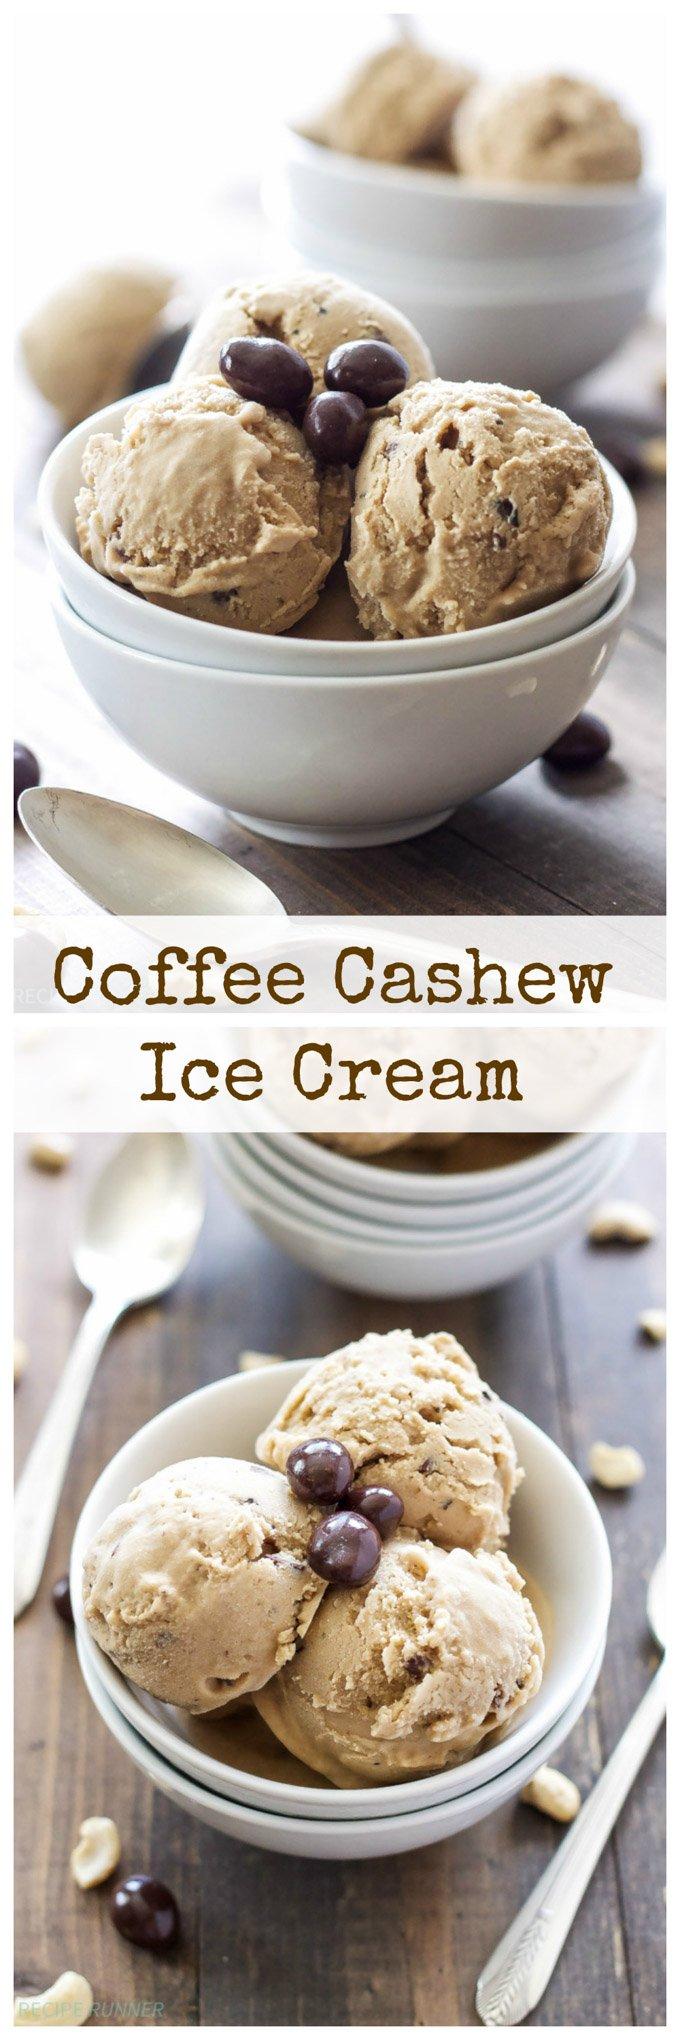 Coffee Cashew Ice Cream Recipe Runner